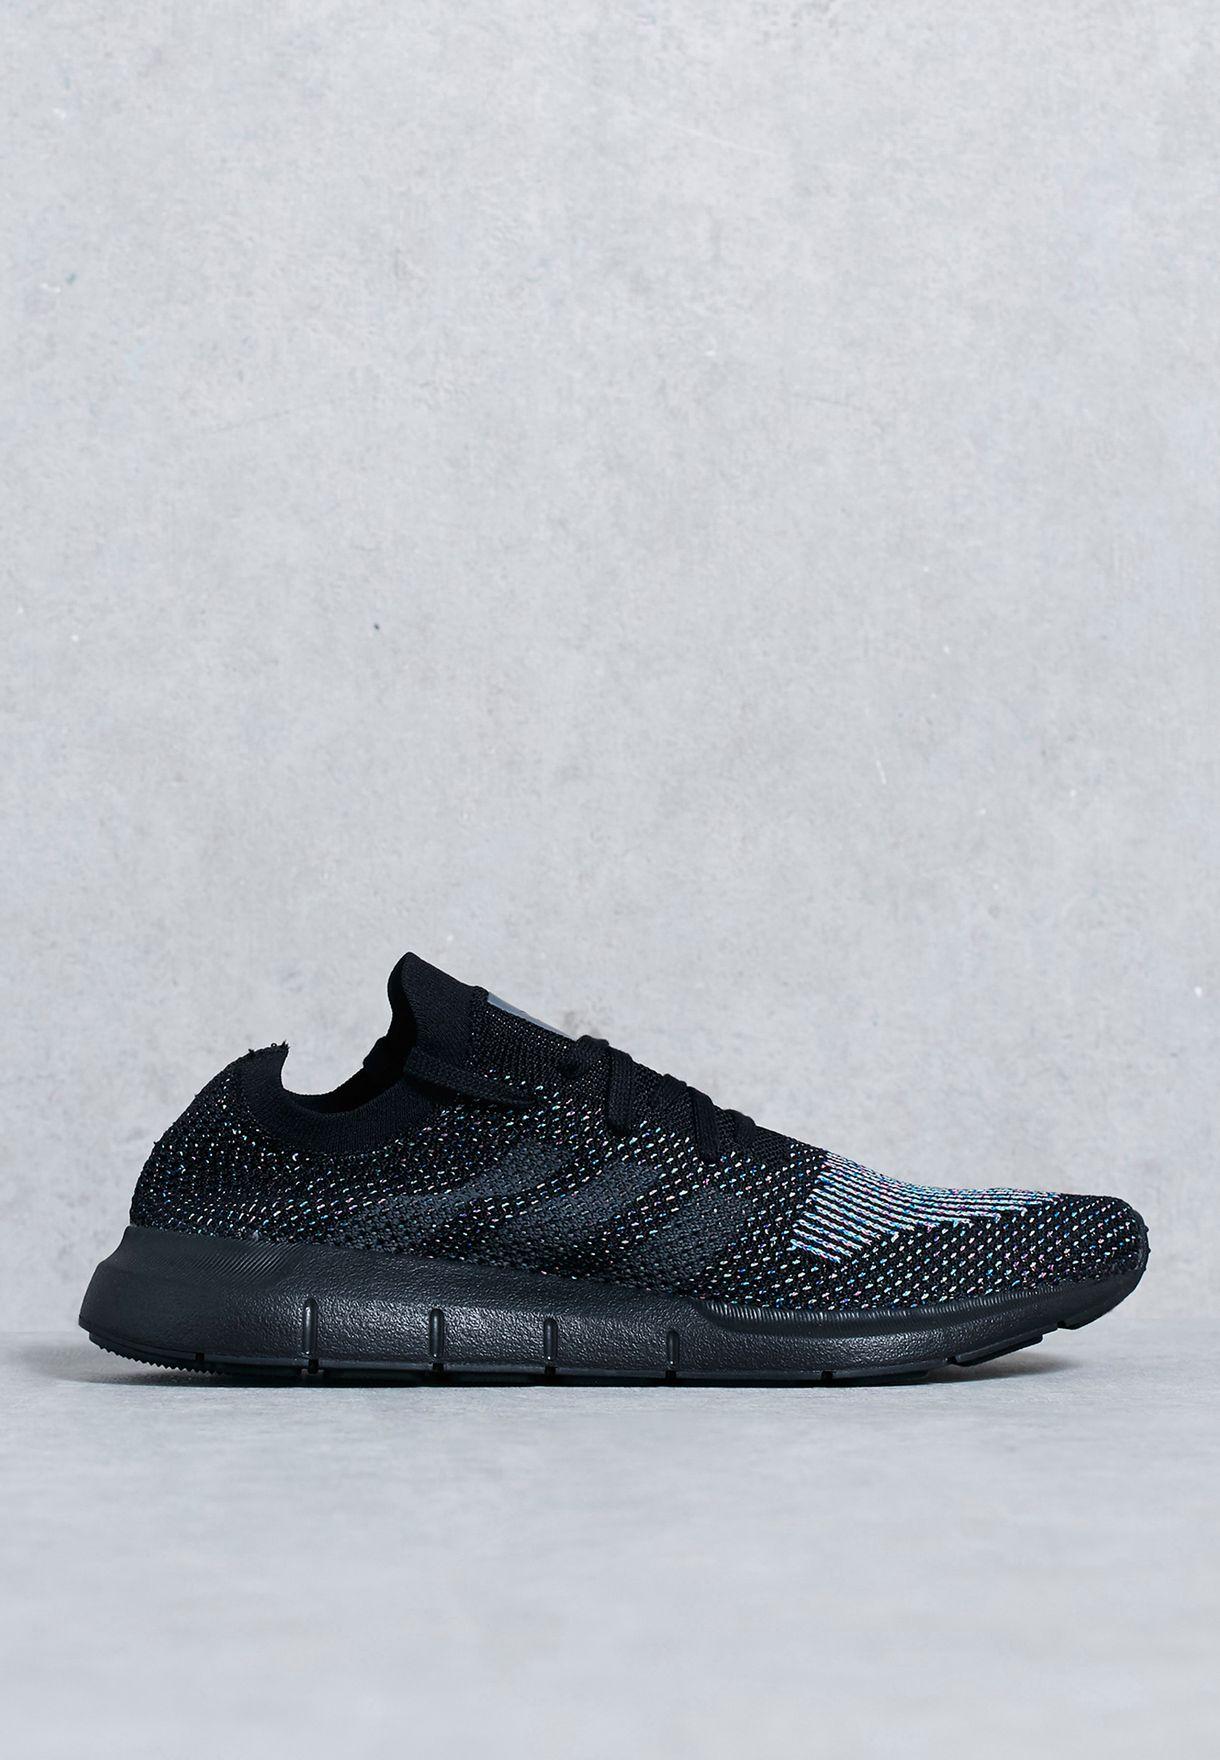 c77d1b7ecb361 Shop adidas Originals black Swift Run PK CG4127 for Men in UAE ...